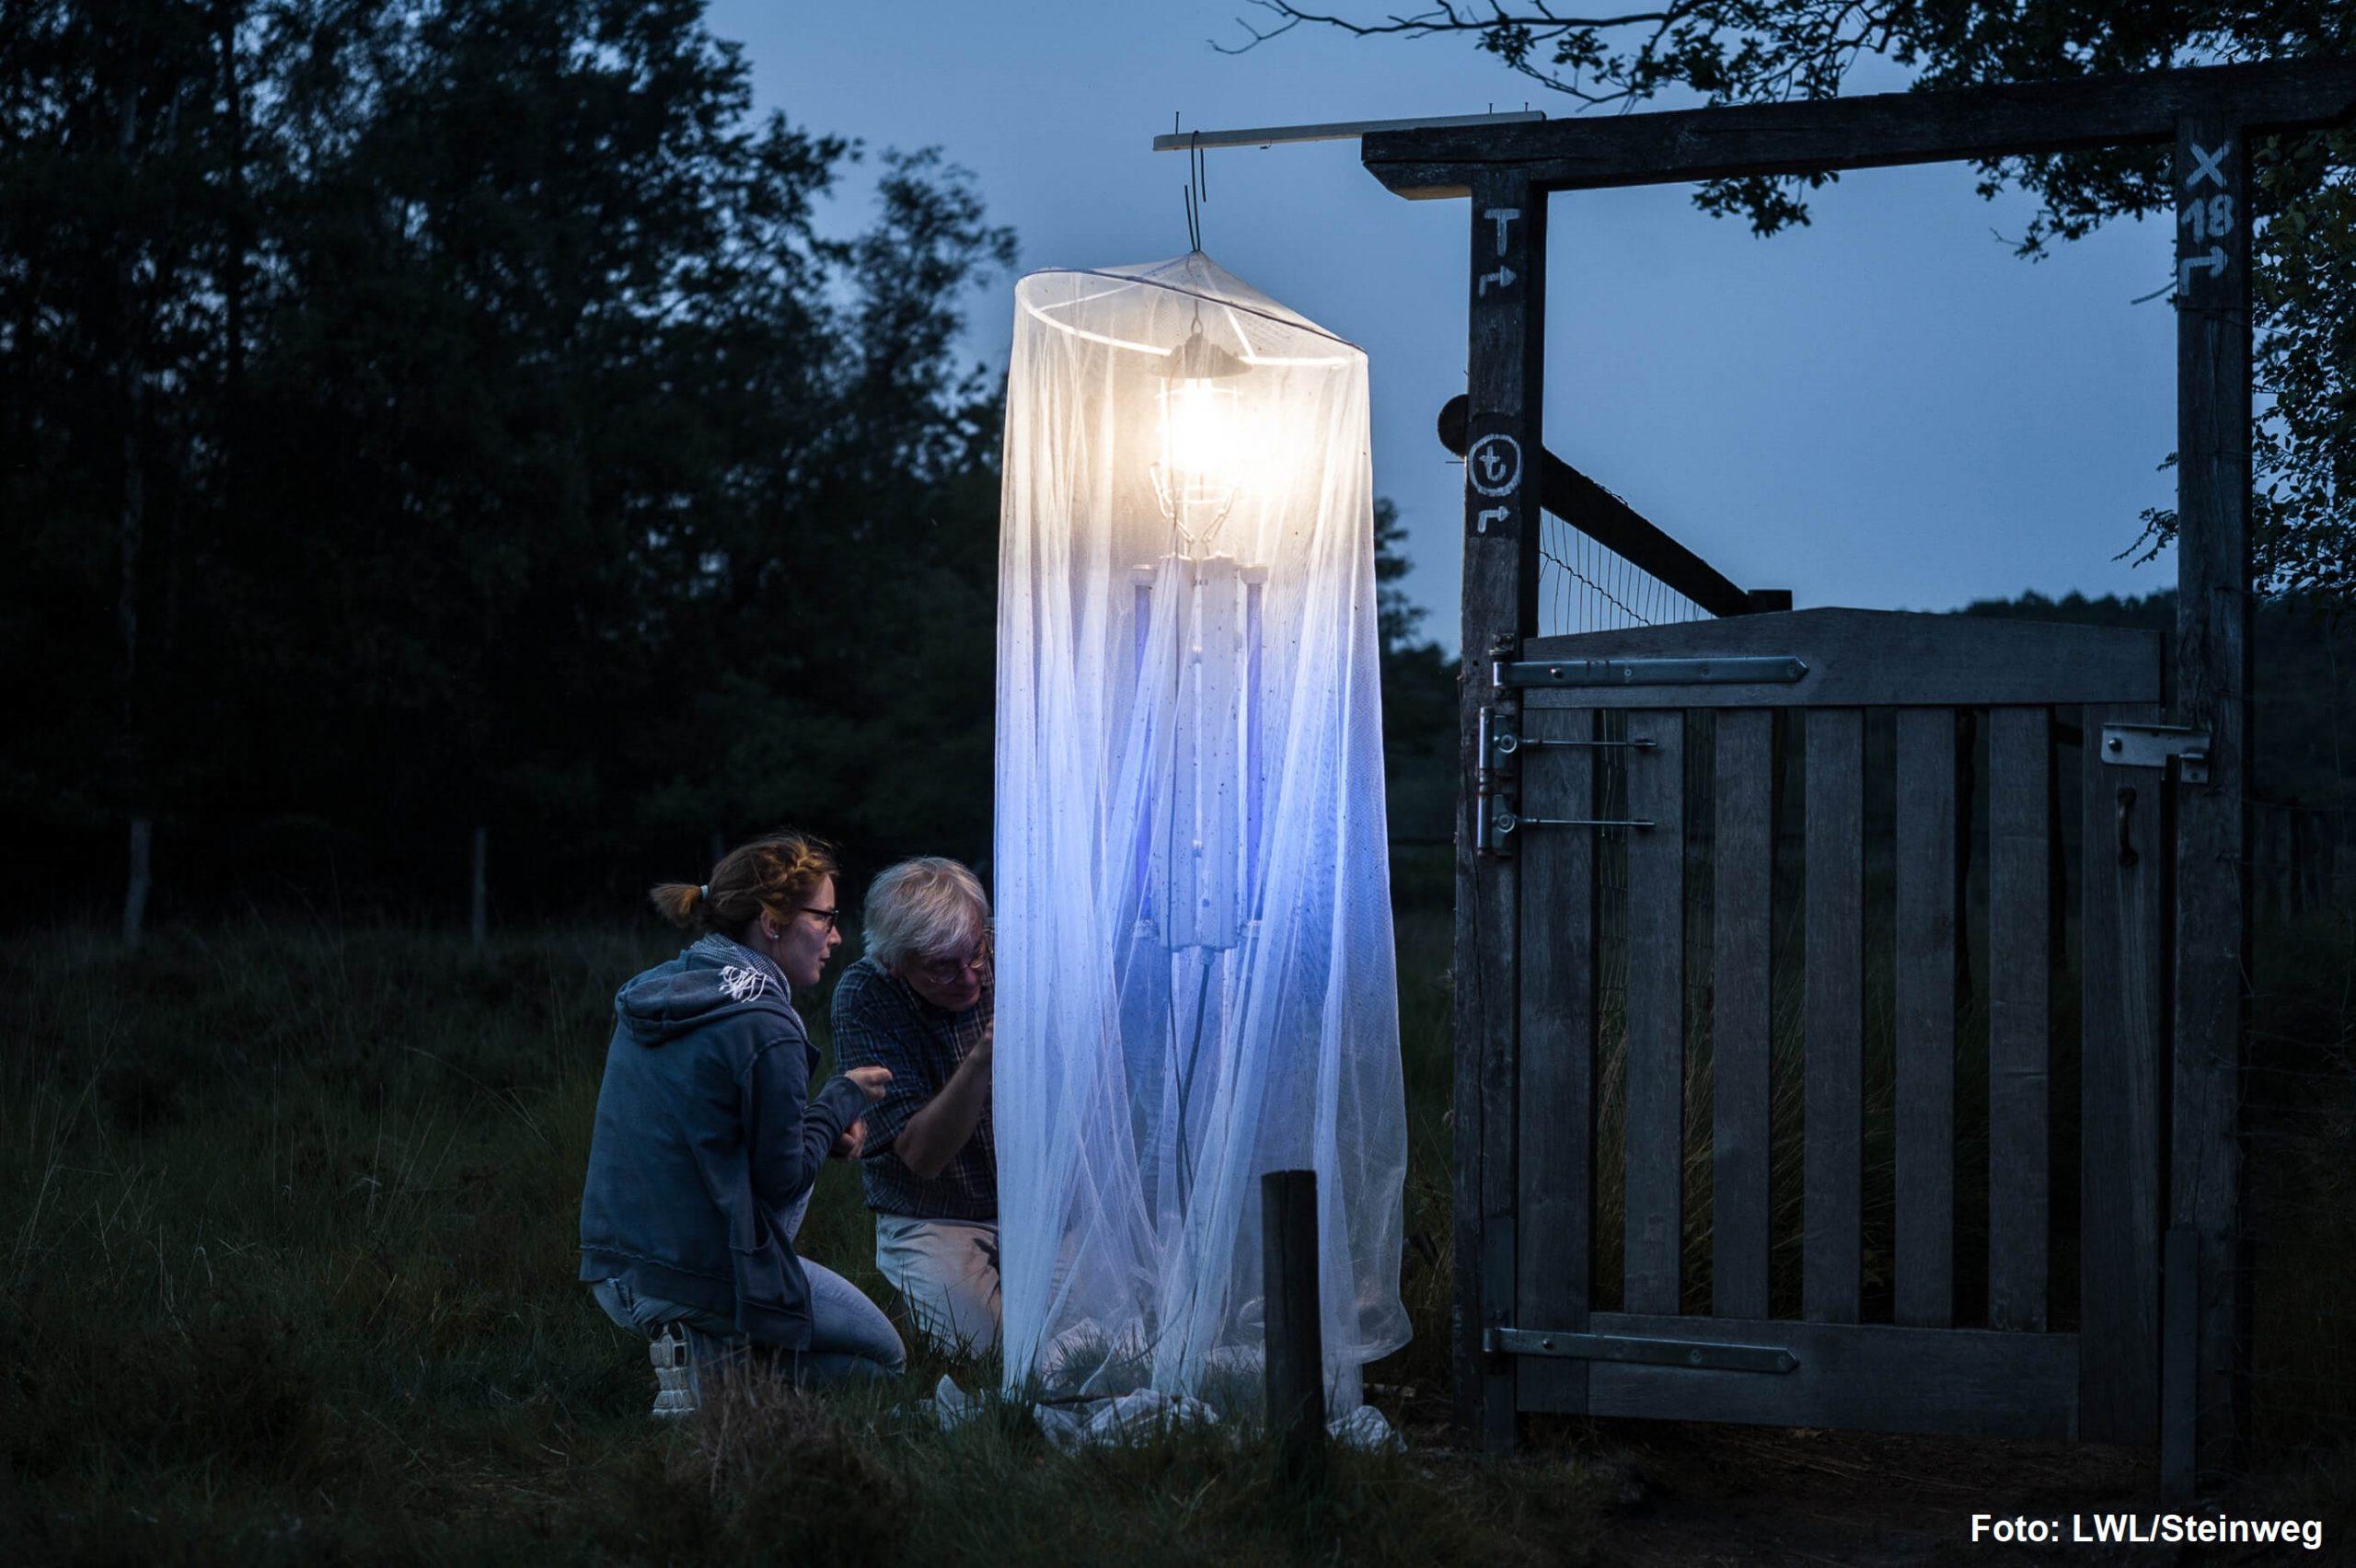 Zwei Menschen hocken draußen im Dunkeln neben einem weißen, beleuchteten Netz